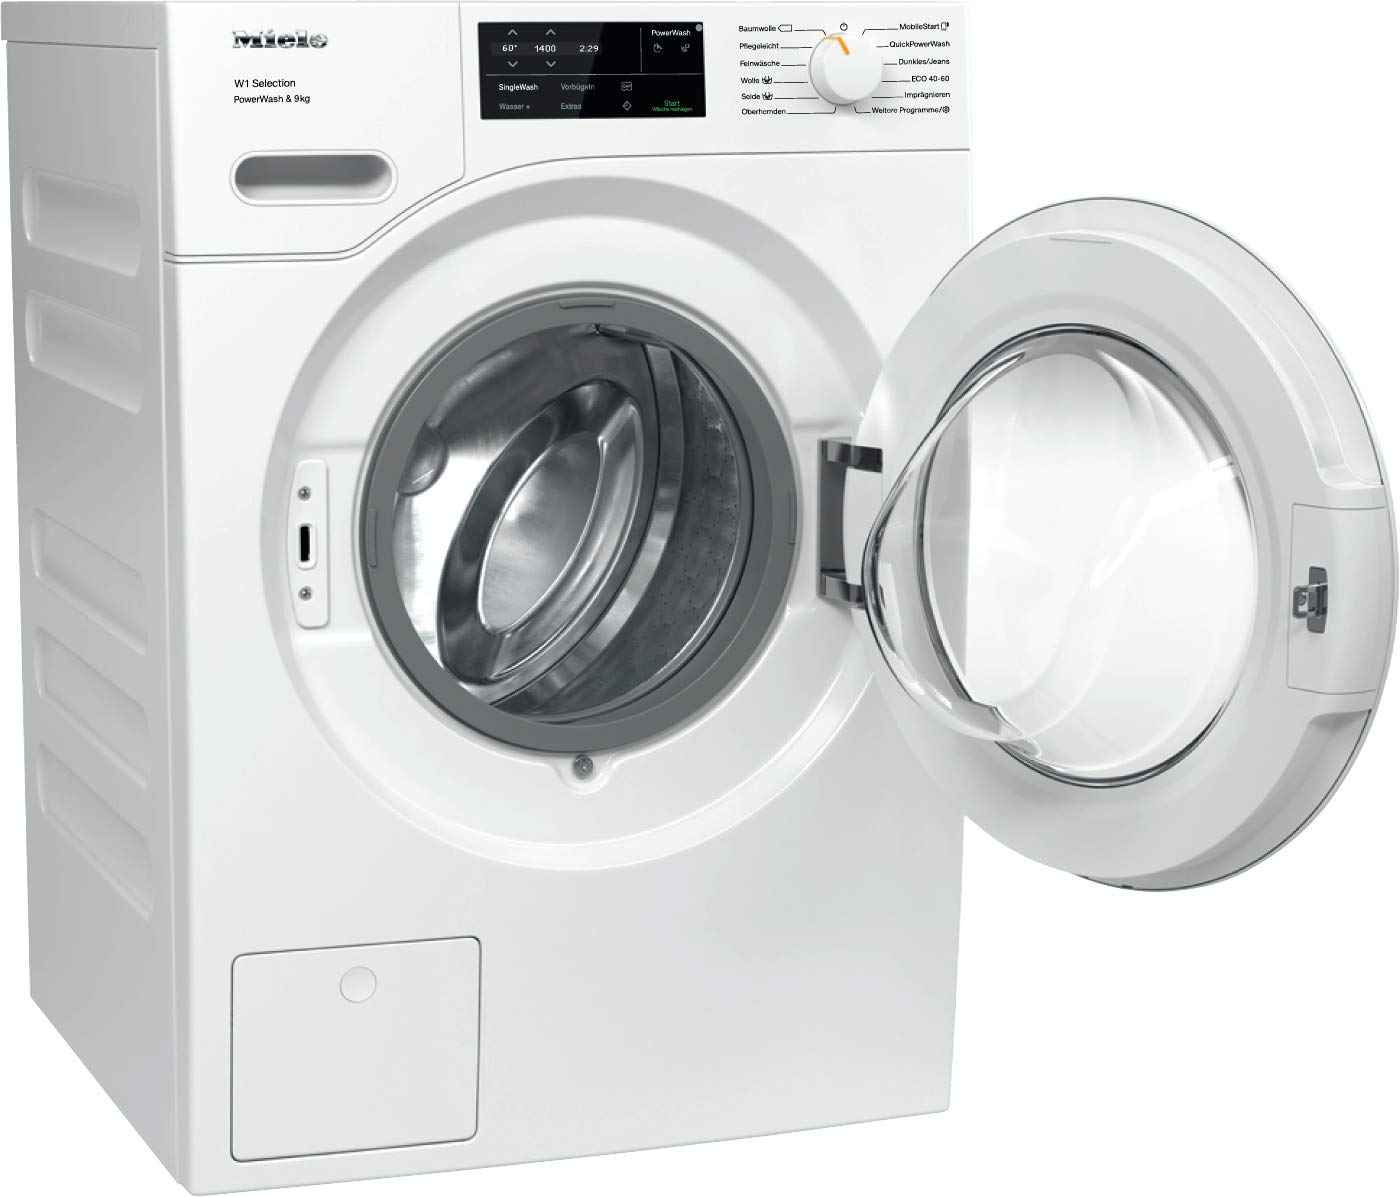 Miele-WSG-363-WCS-9kg-Waschmaschine-mit-Schontrommel-Vernetzung-1400-Umin-PowerWash-Addload